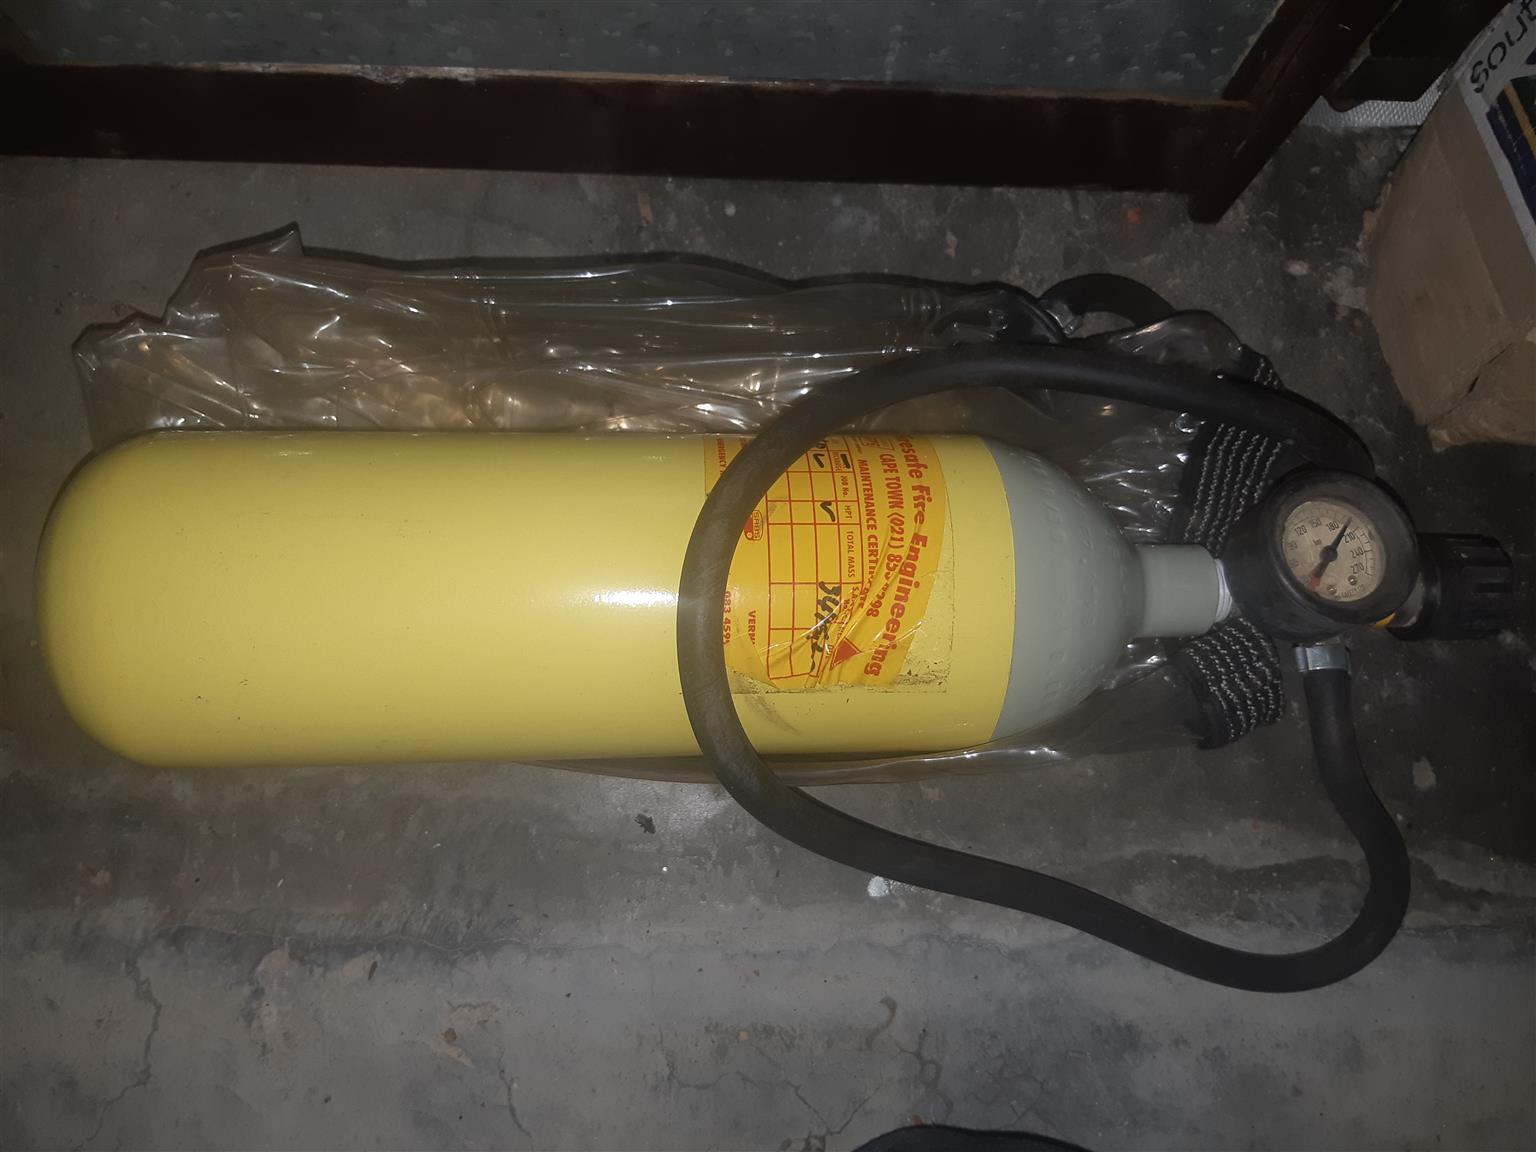 Oxygen Tank in case of fire